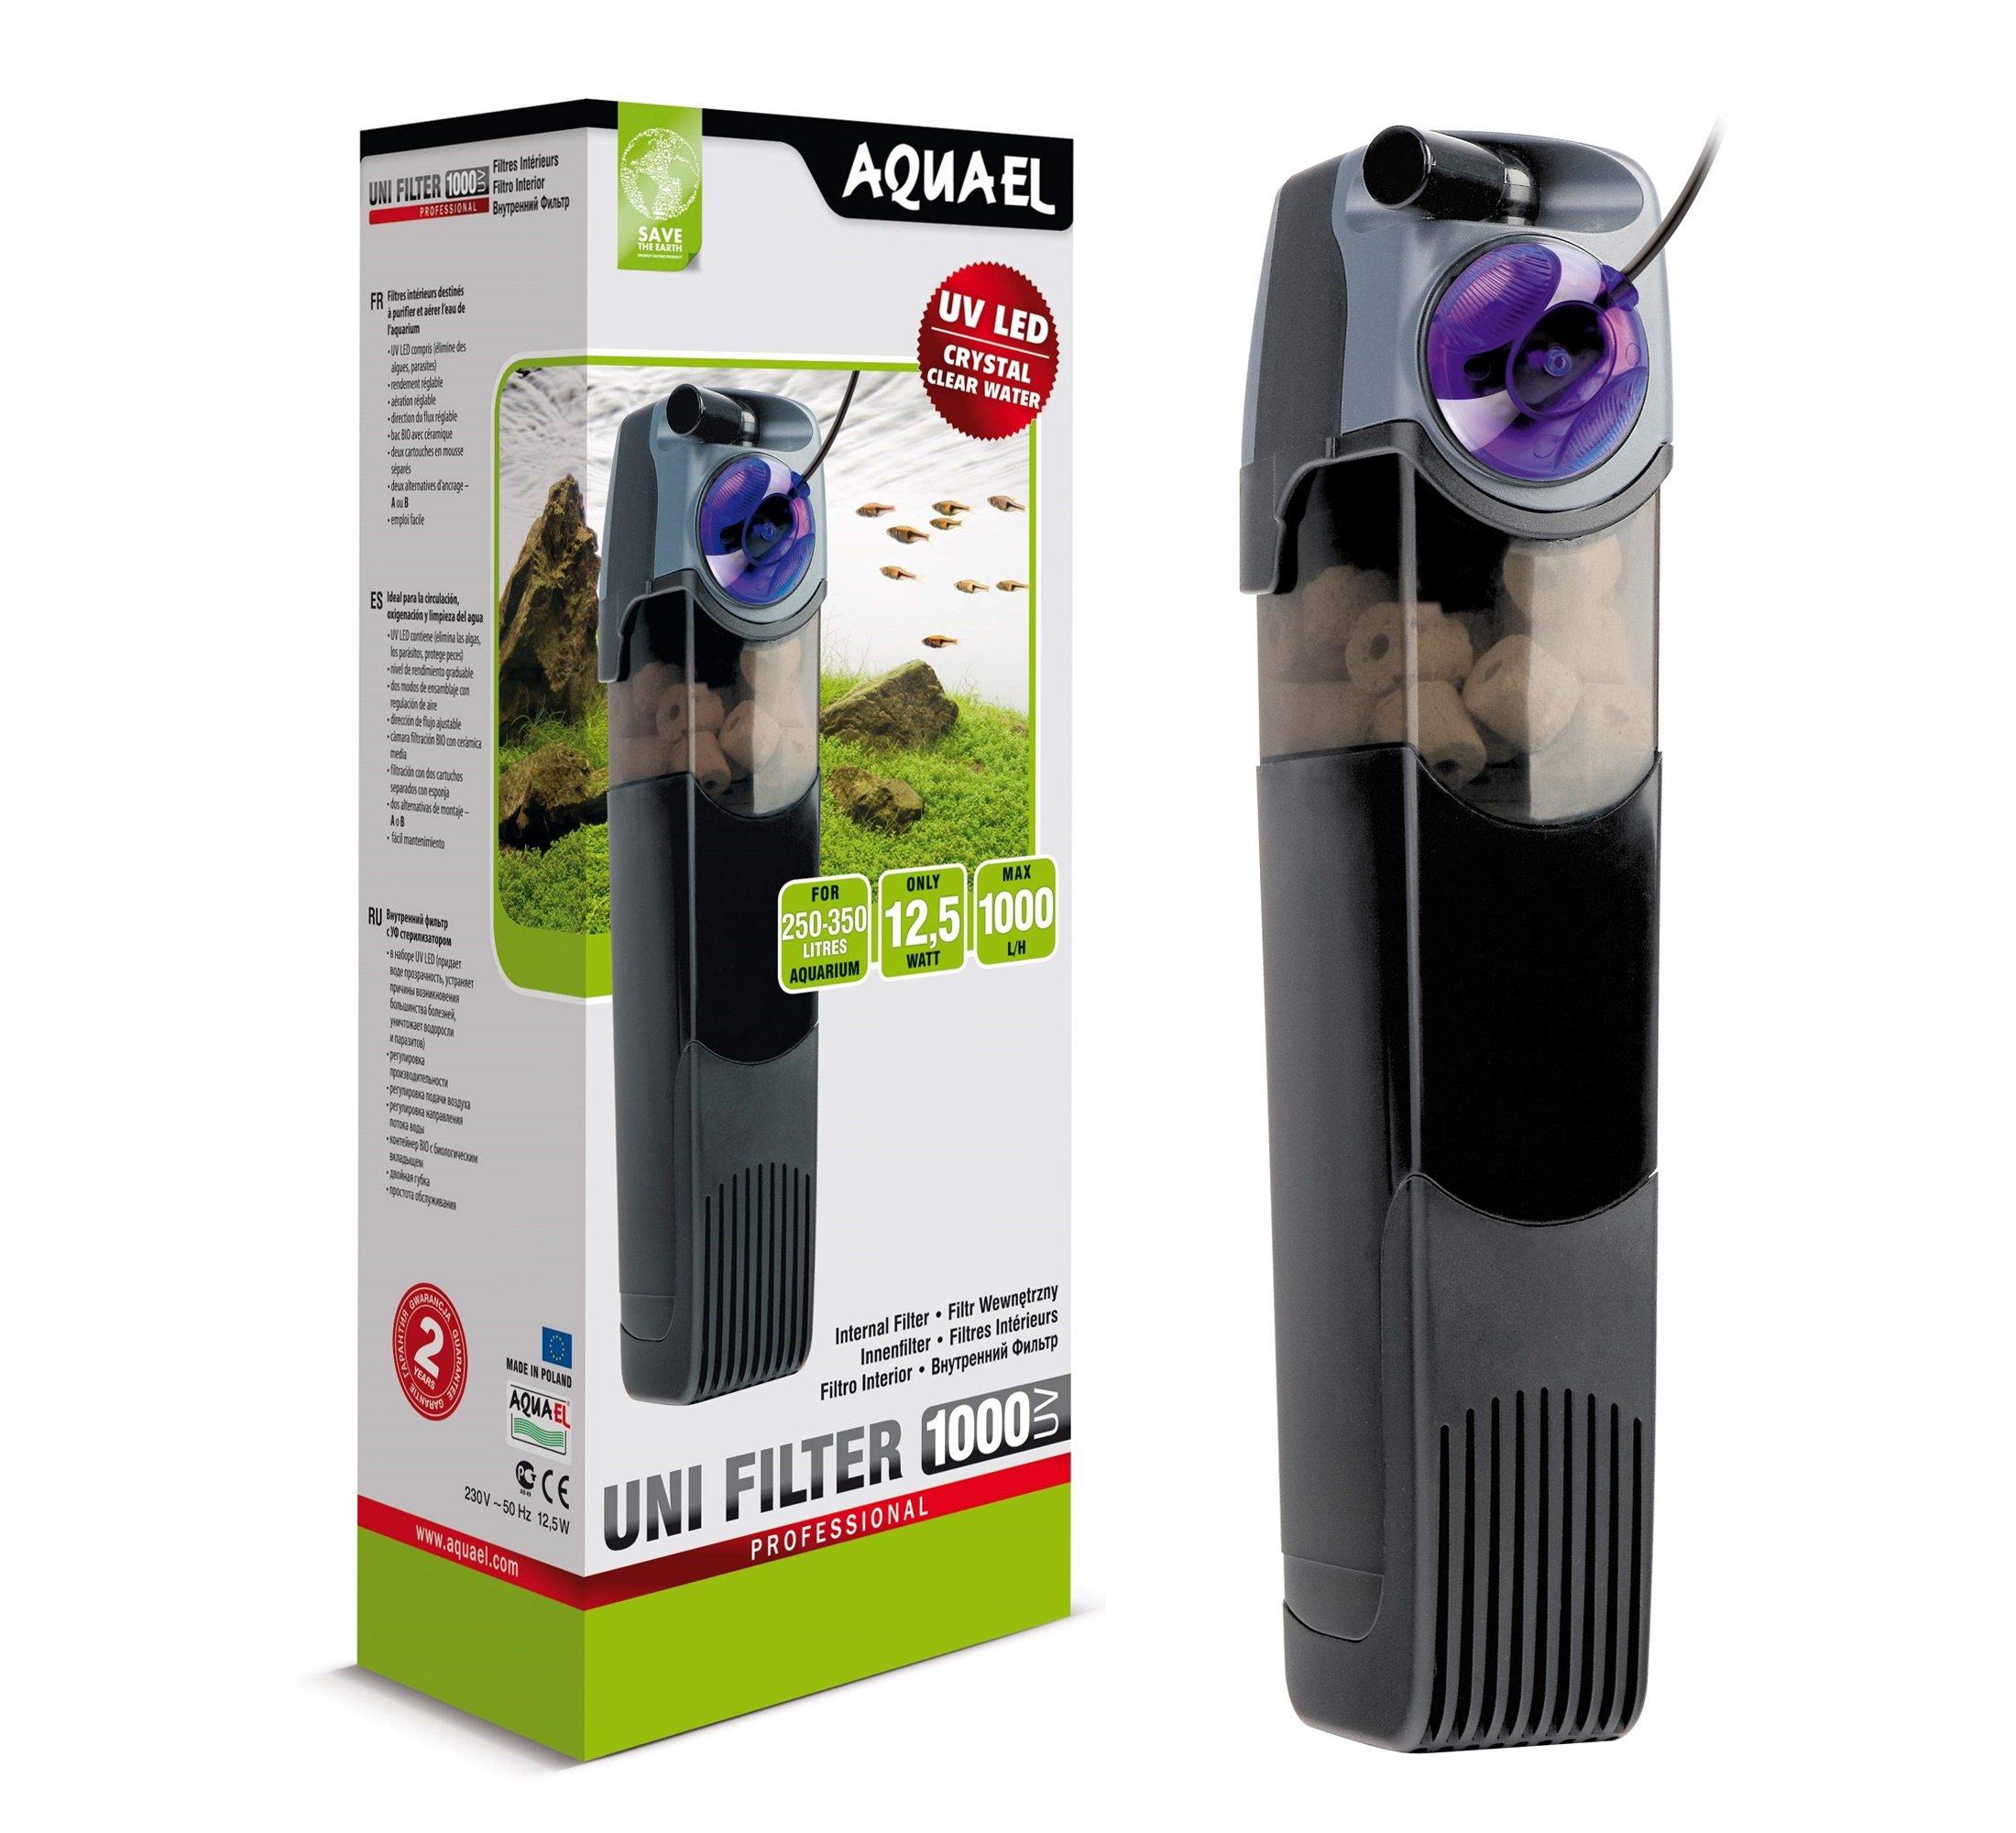 AQUAEL UNIFILTER 1000 UV vnútorný filter s UV